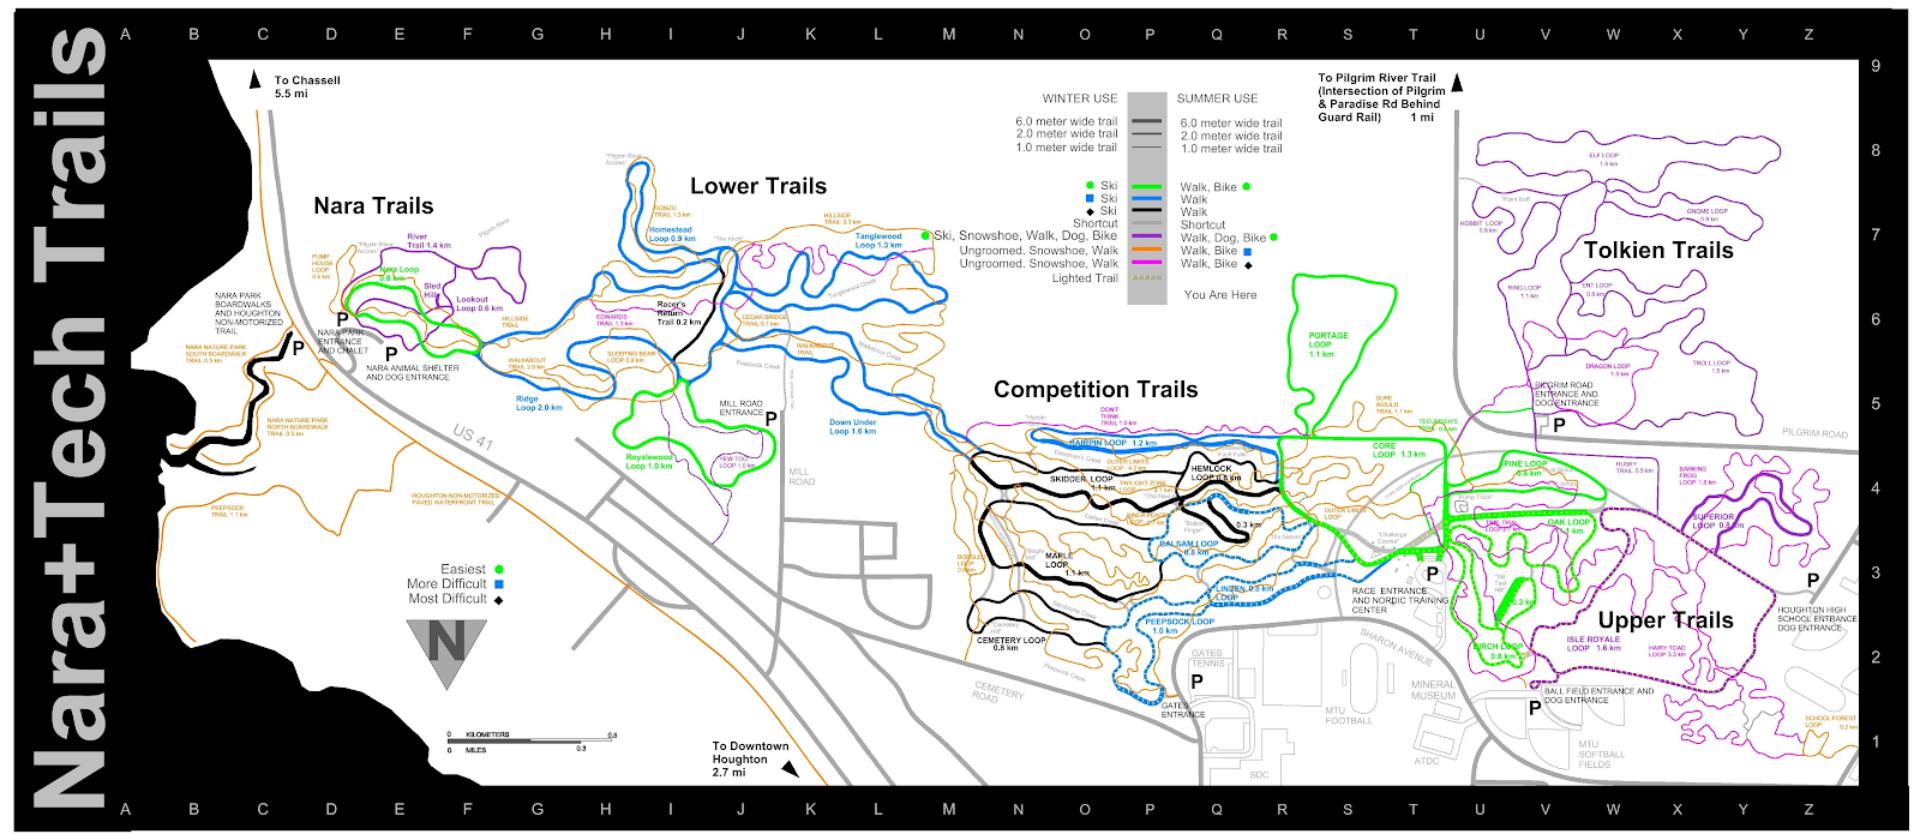 Michigain Tech Trails